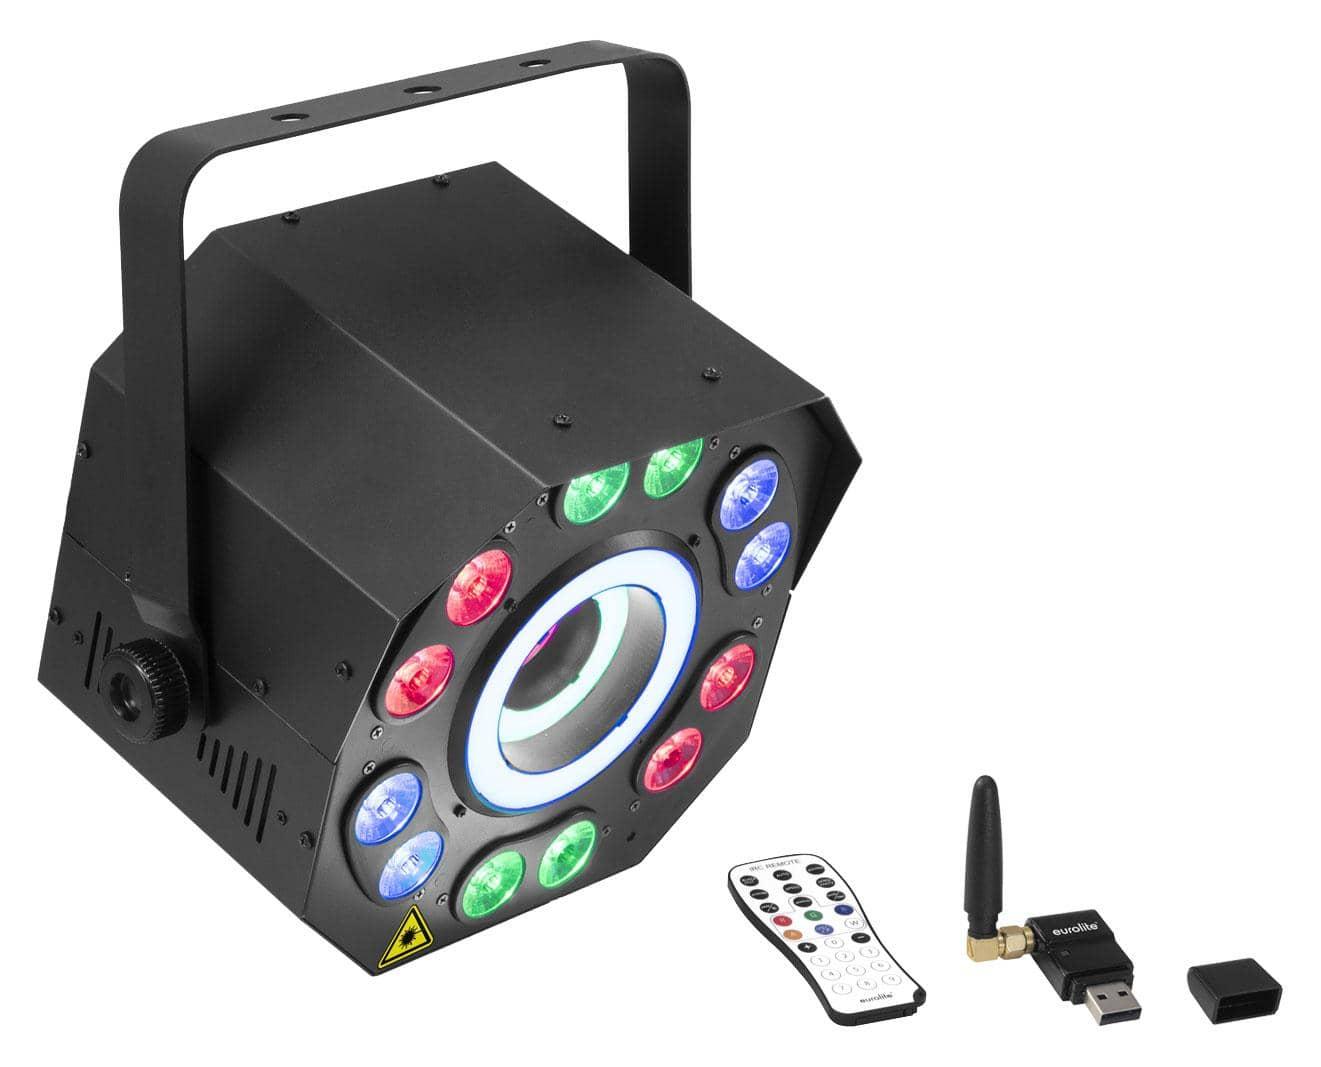 Lichtsets - Eurolite LED FE 2500 Hypno Hybrid Lasereffekt QuickDMX Set - Onlineshop Musikhaus Kirstein